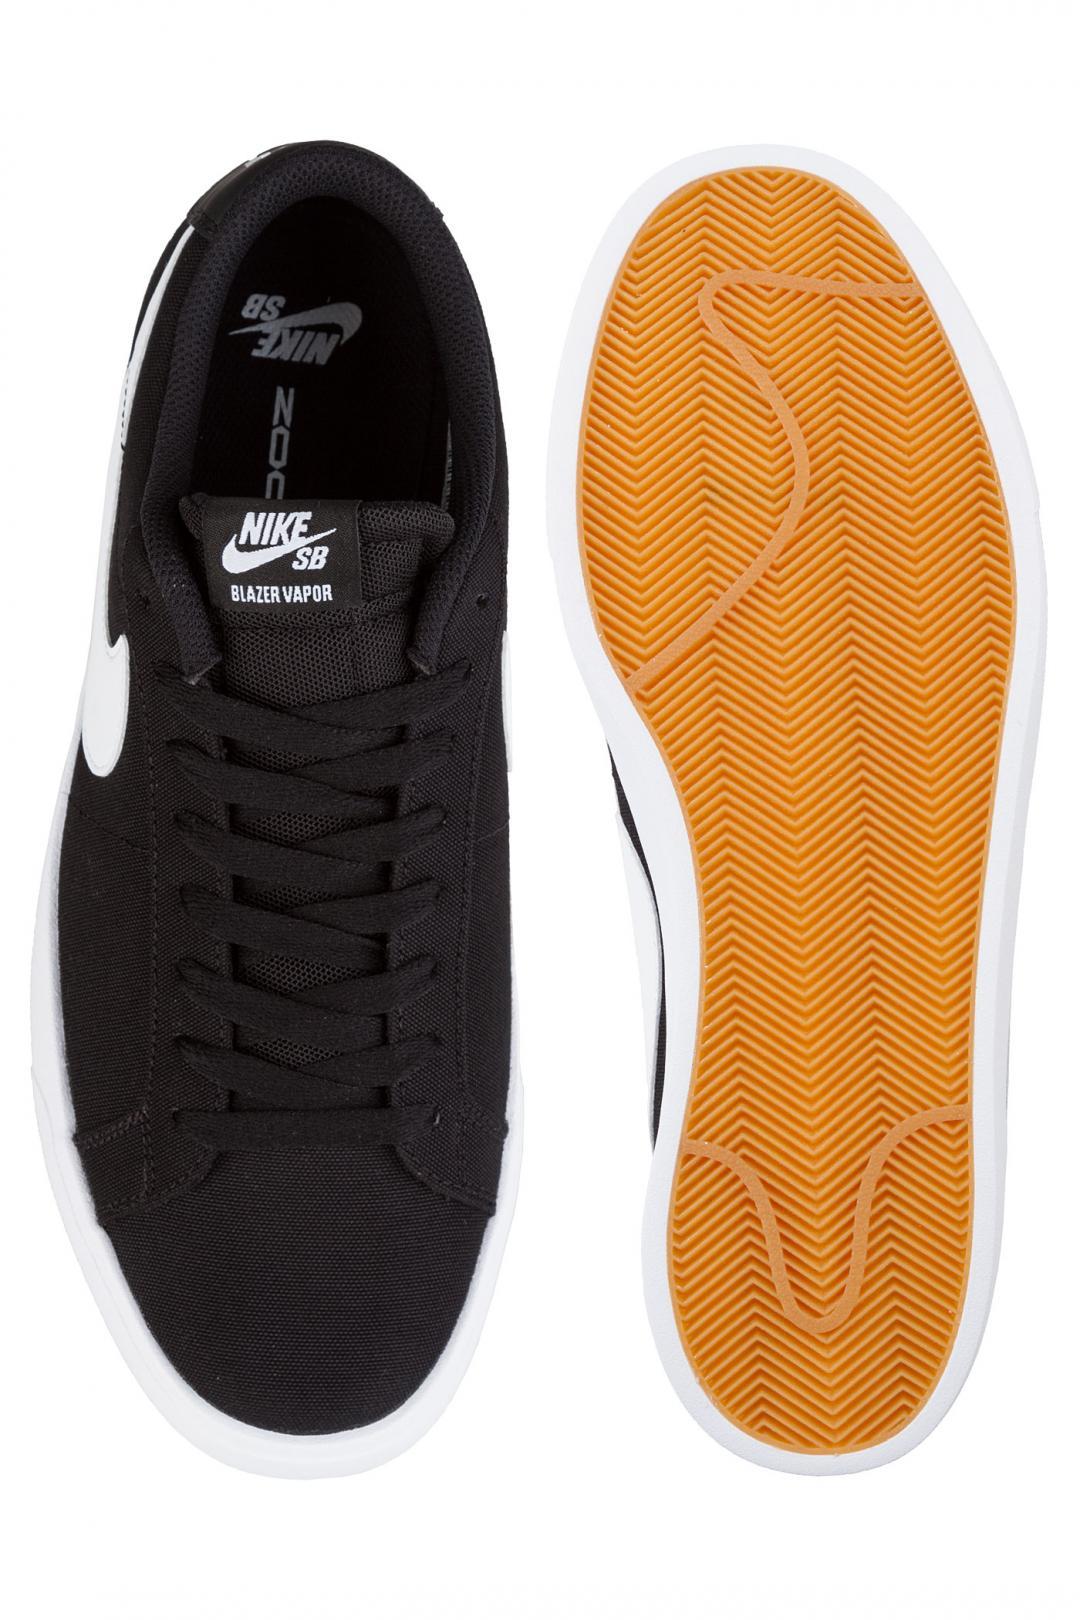 Uomo Nike SB Blazer Vapor Textile black white   Sneaker